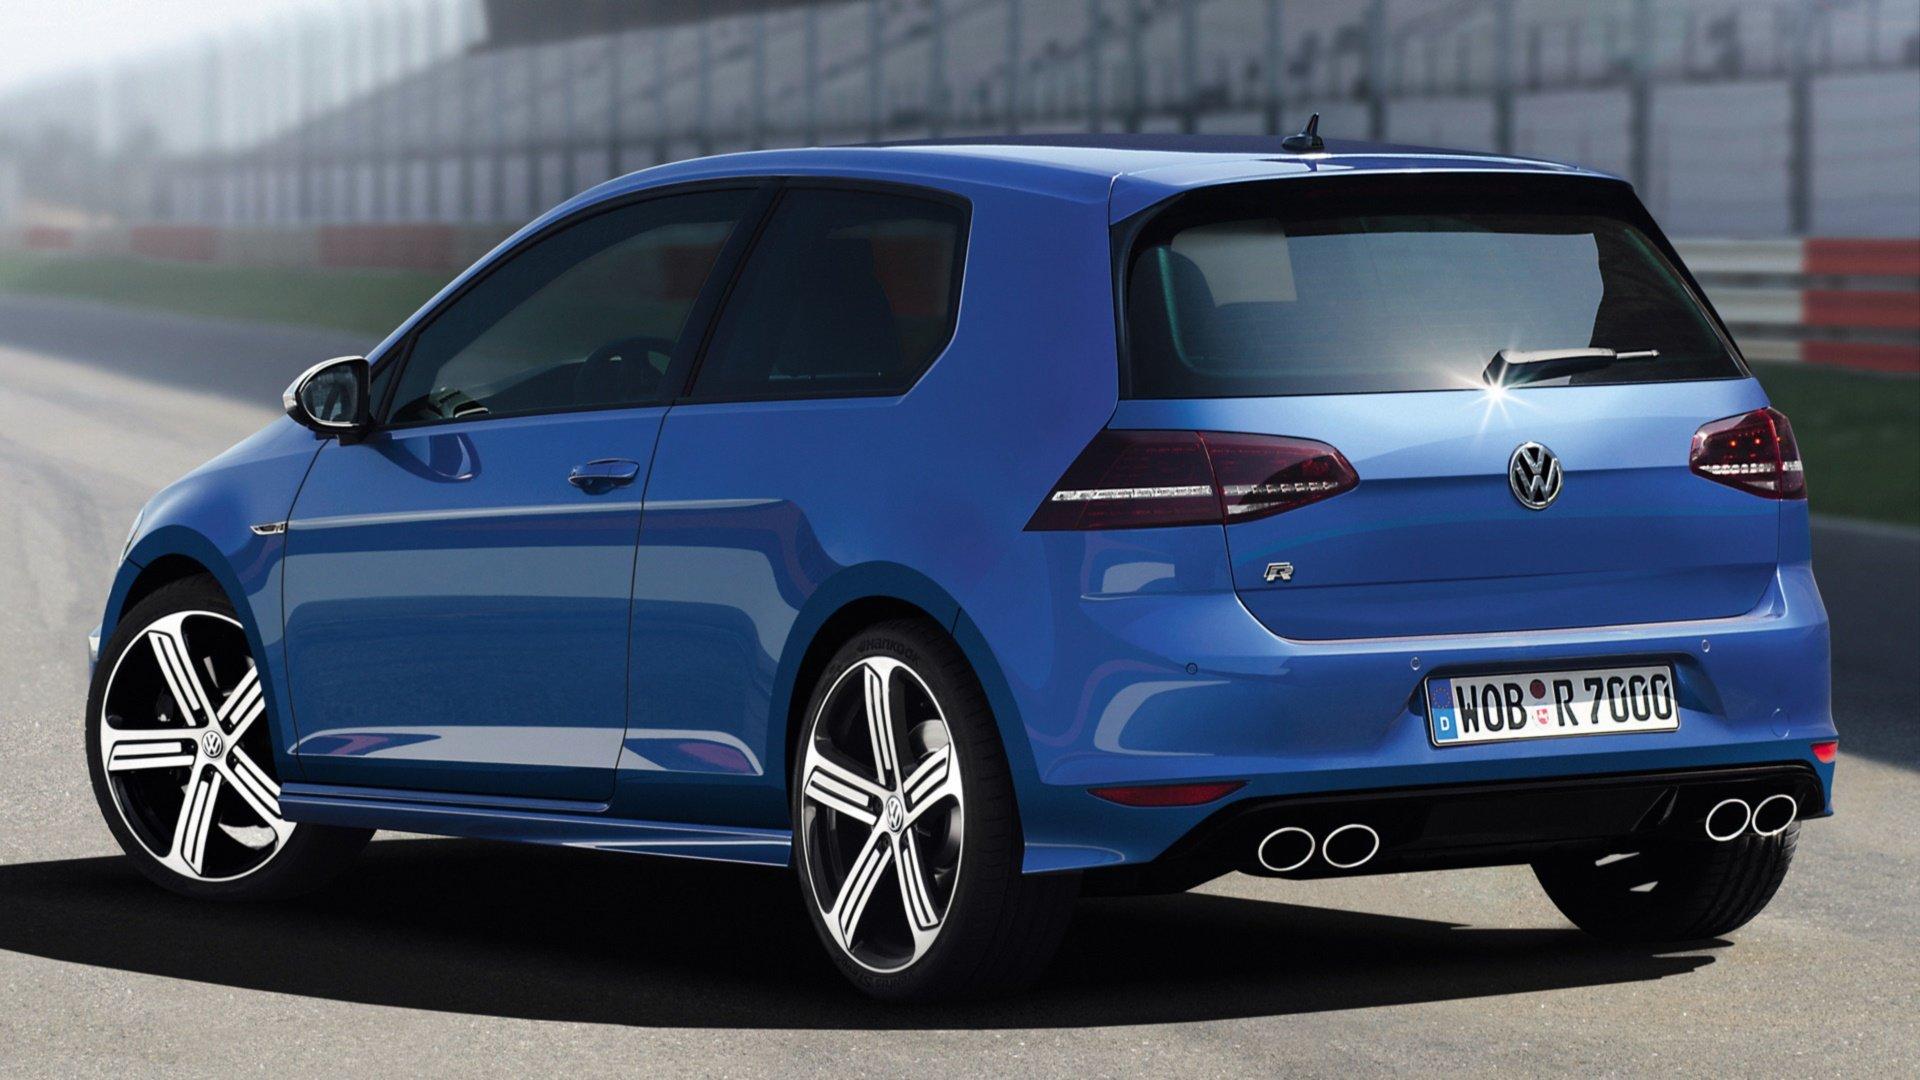 Volkswagen Golf R Wallpapers Hd For Desktop Backgrounds